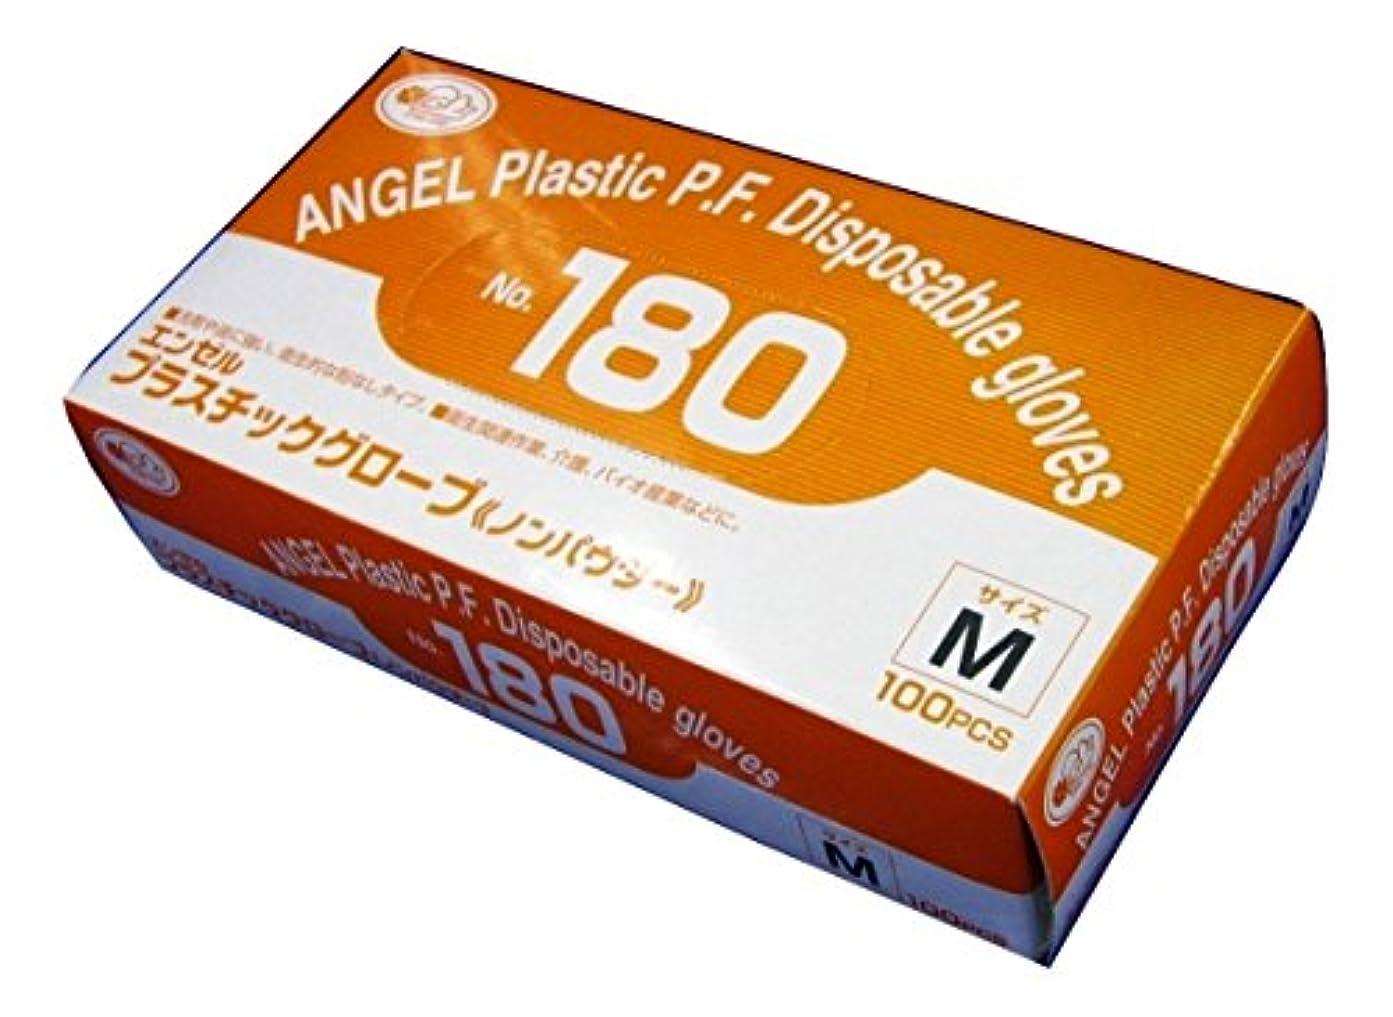 に関して満了シネマサンフラワー No.180 プラスチックグローブ ノンパウダー 100枚入り (M)